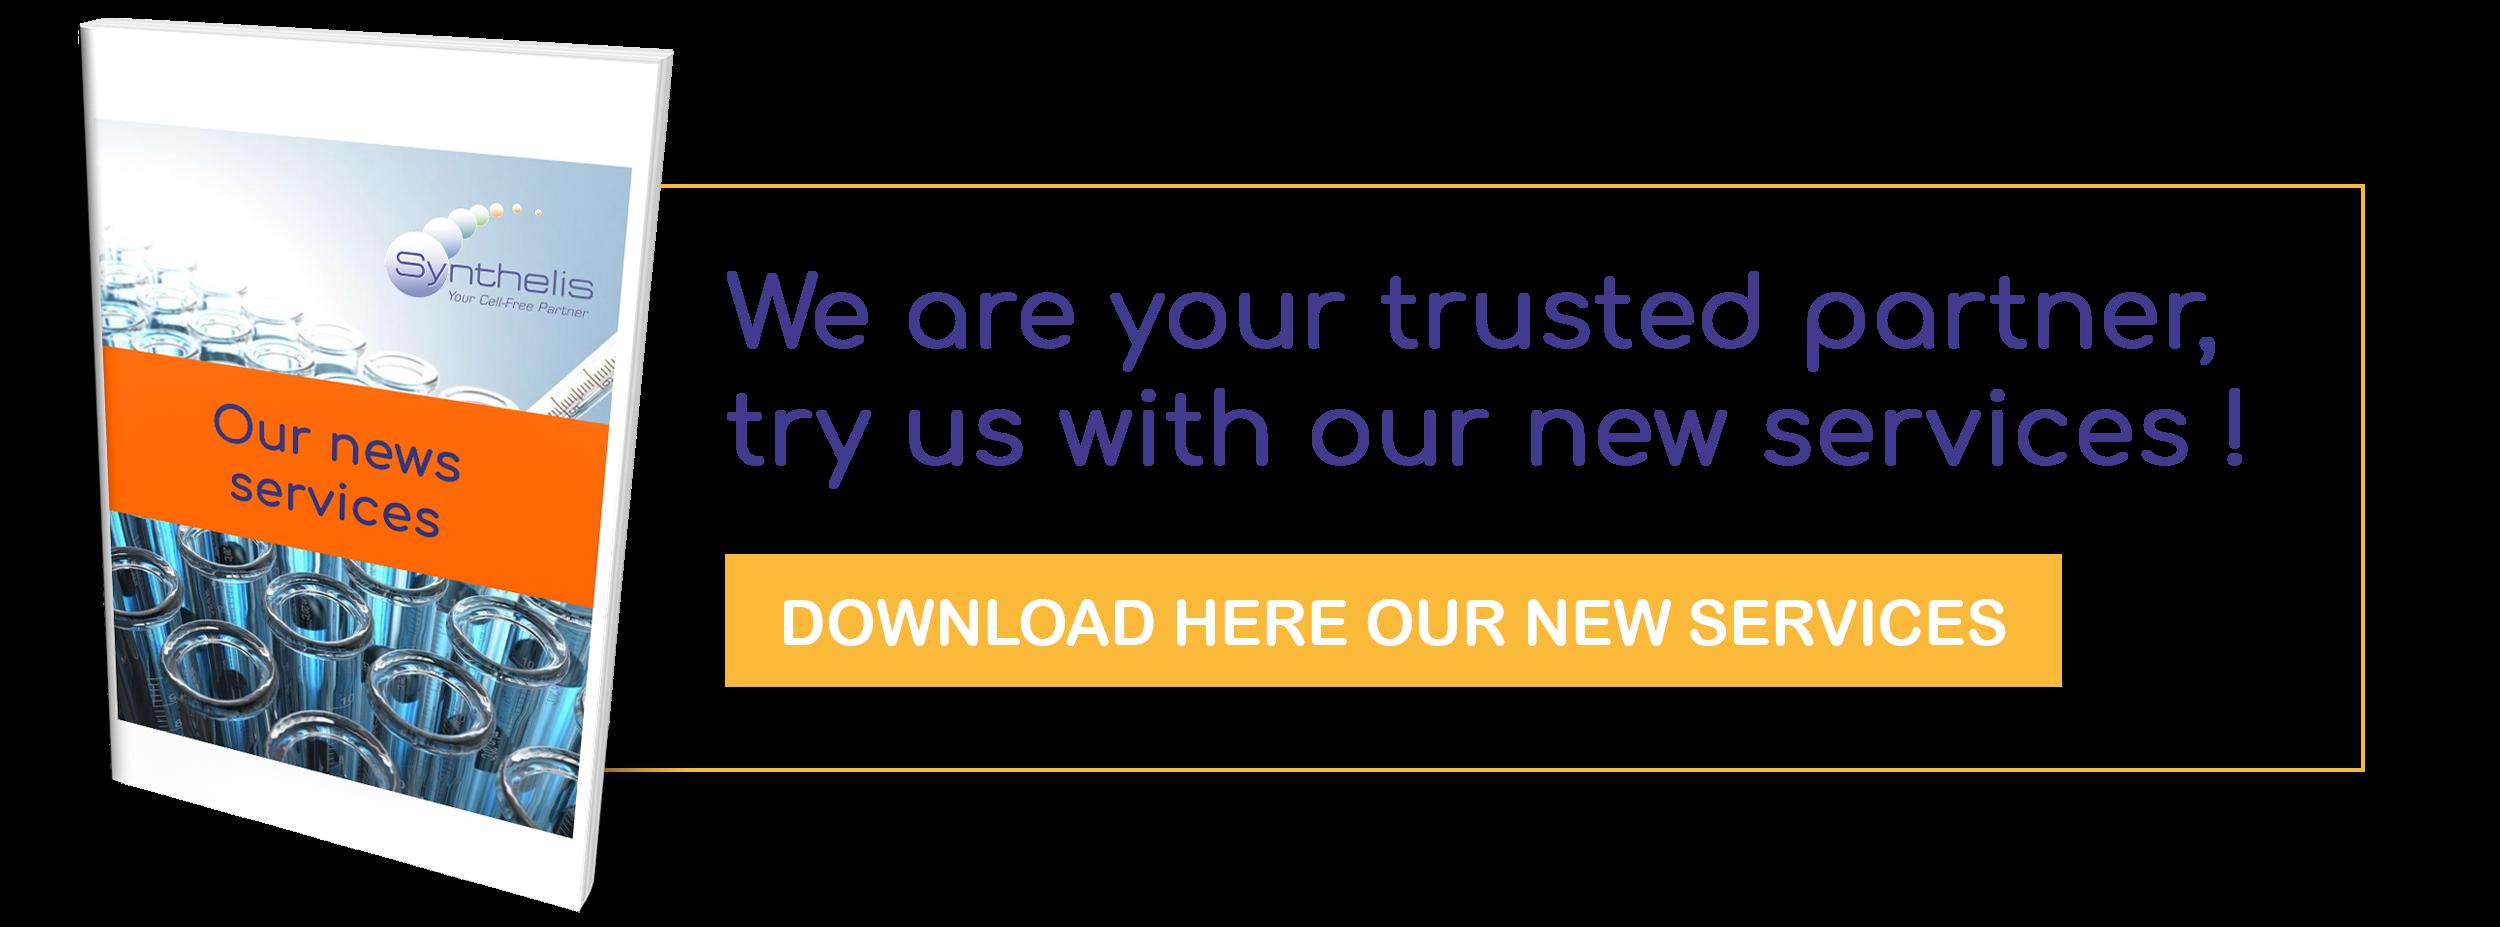 """Synthelis est votre partenaire de confiance, tester nous à travers notre offre """"Essentielle"""", rapide, qualitative et compétitive !"""